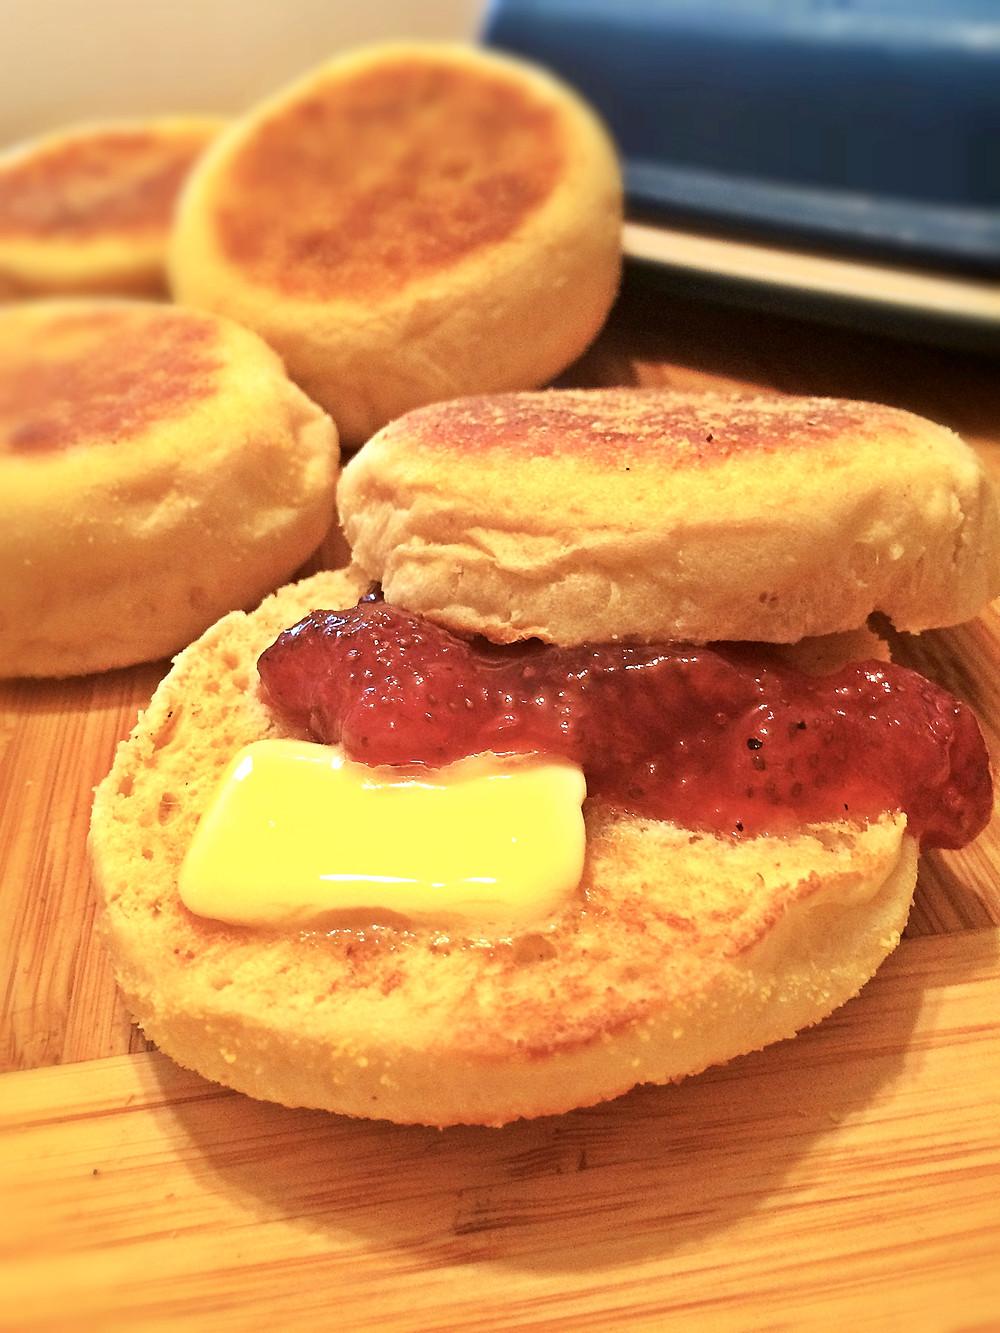 muffin 6.jpg